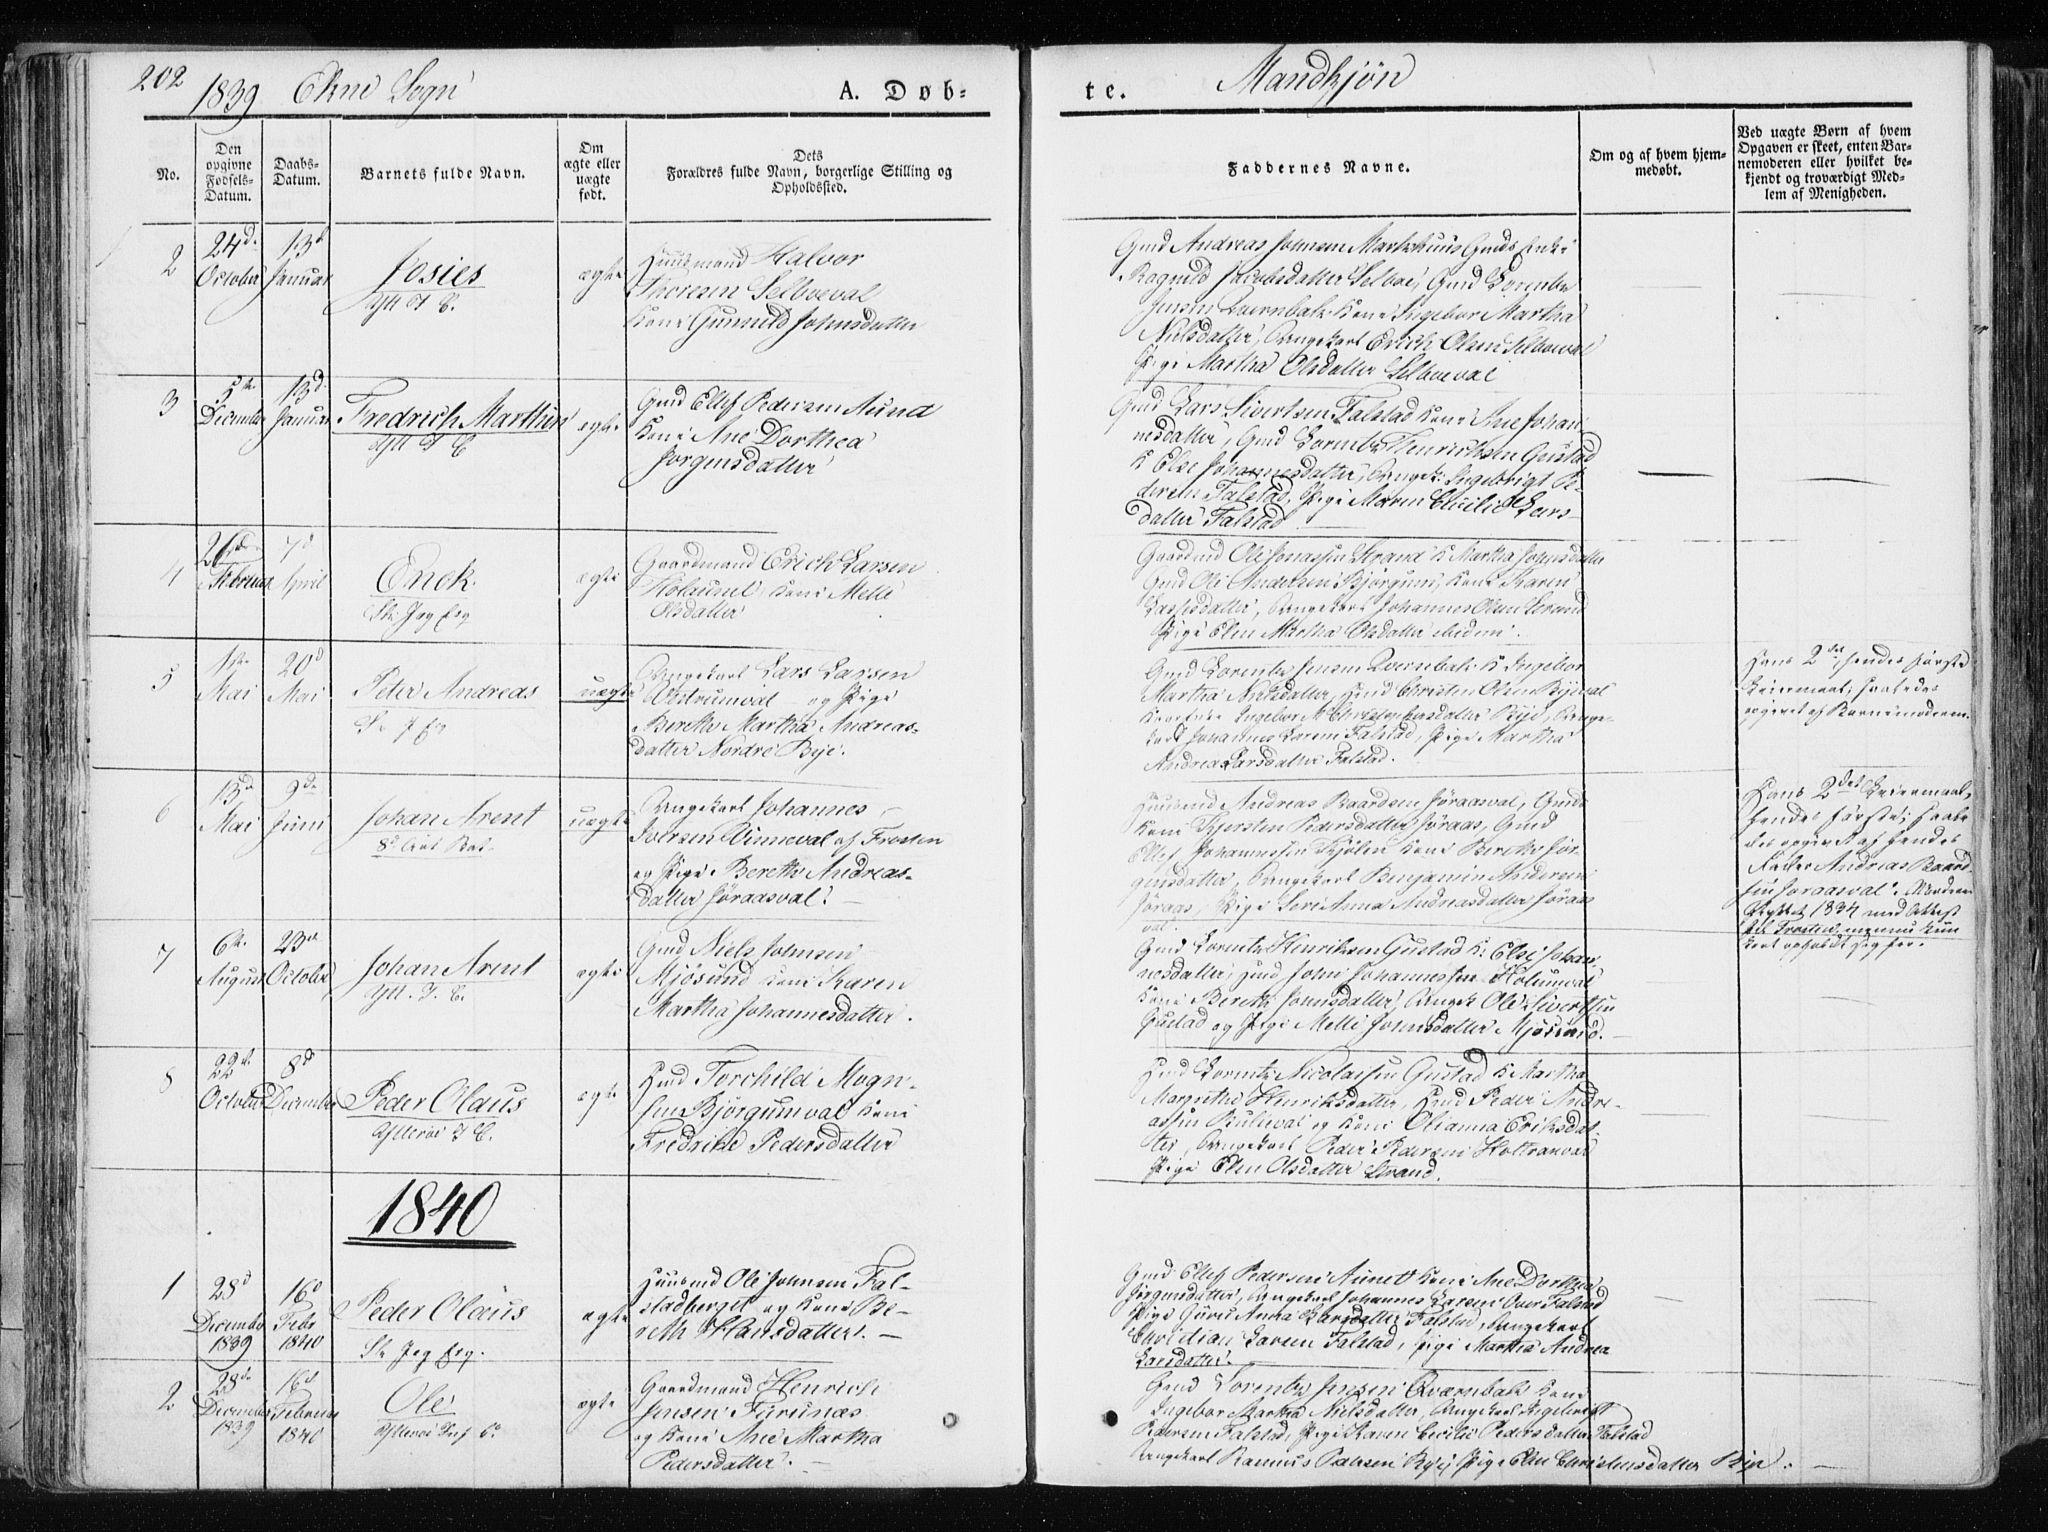 SAT, Ministerialprotokoller, klokkerbøker og fødselsregistre - Nord-Trøndelag, 717/L0154: Ministerialbok nr. 717A06 /2, 1836-1849, s. 202